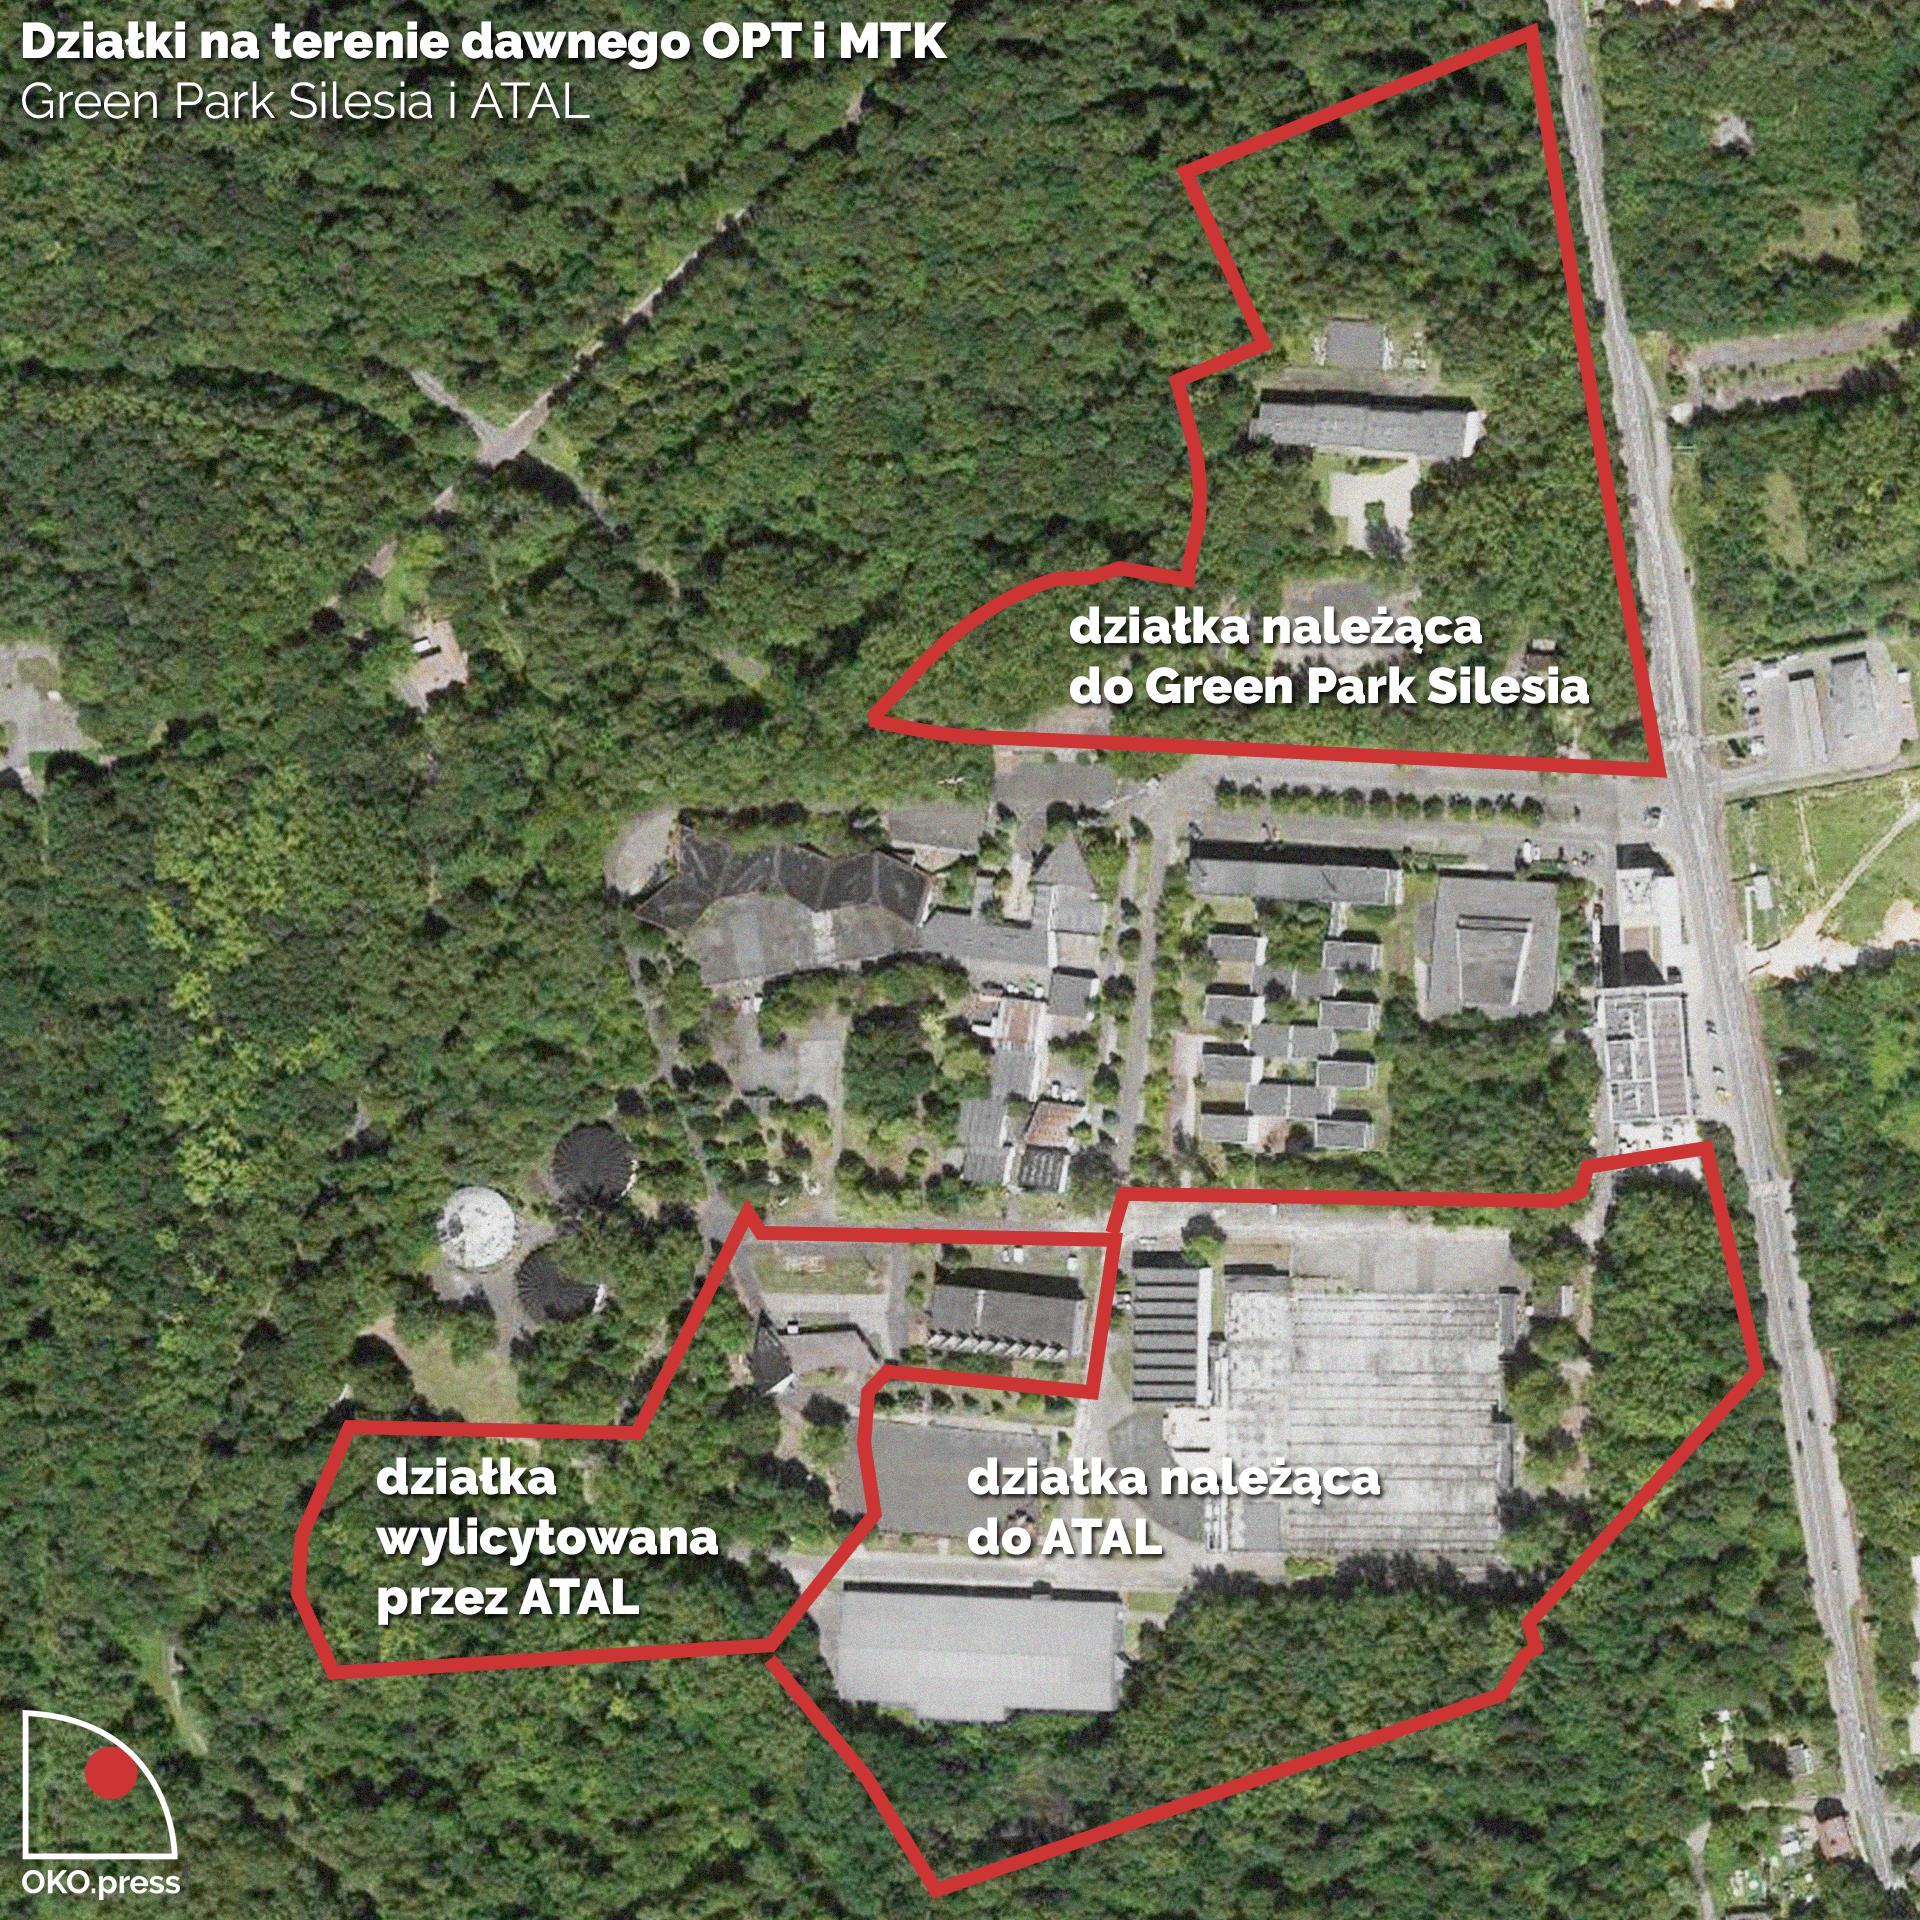 Granice działek GPS i ATAL na zdjęciu satelitarnym; fot.: Maps Google